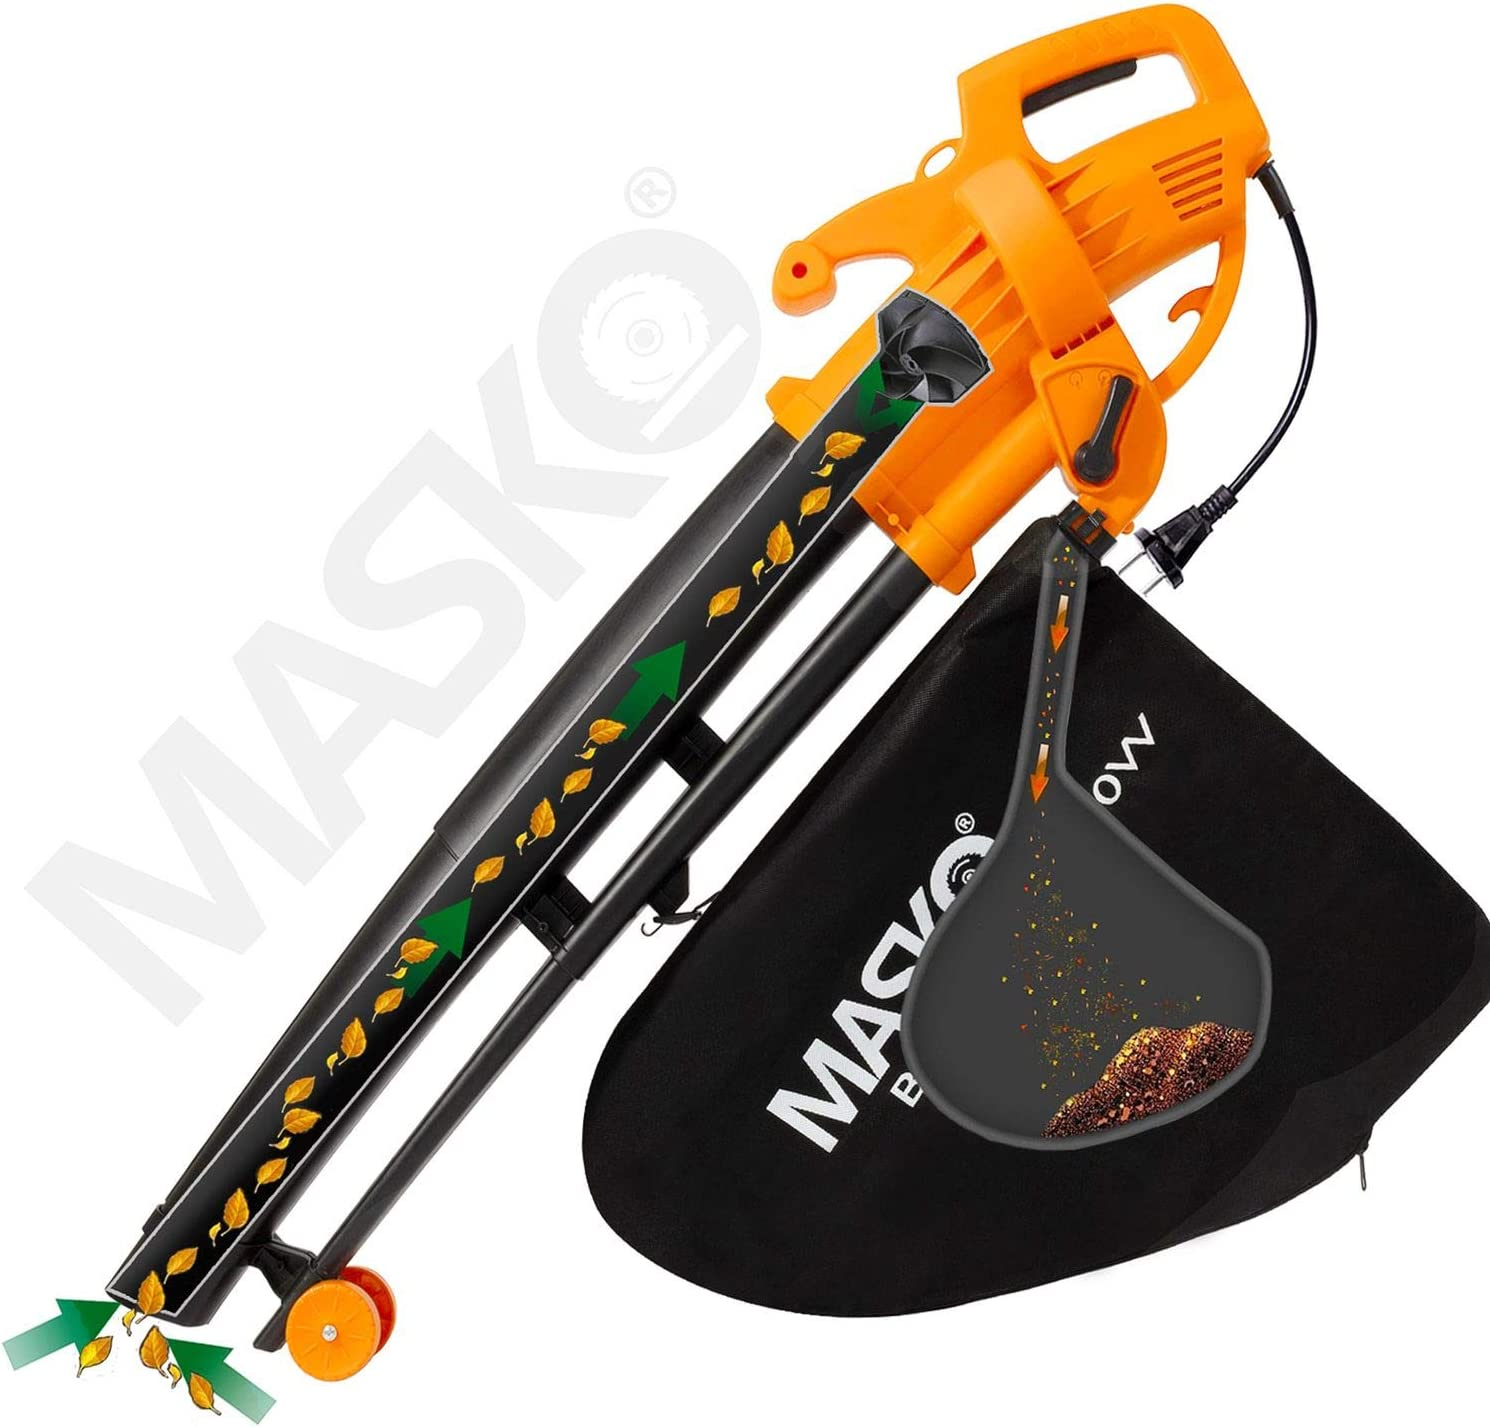 3 in 1 MASKO/® Elektro Laubsauger Schultergurt und Rollen Fangsack 45L 3000W Laubbl/äser Gartensauger Gartenbl/äser Orange